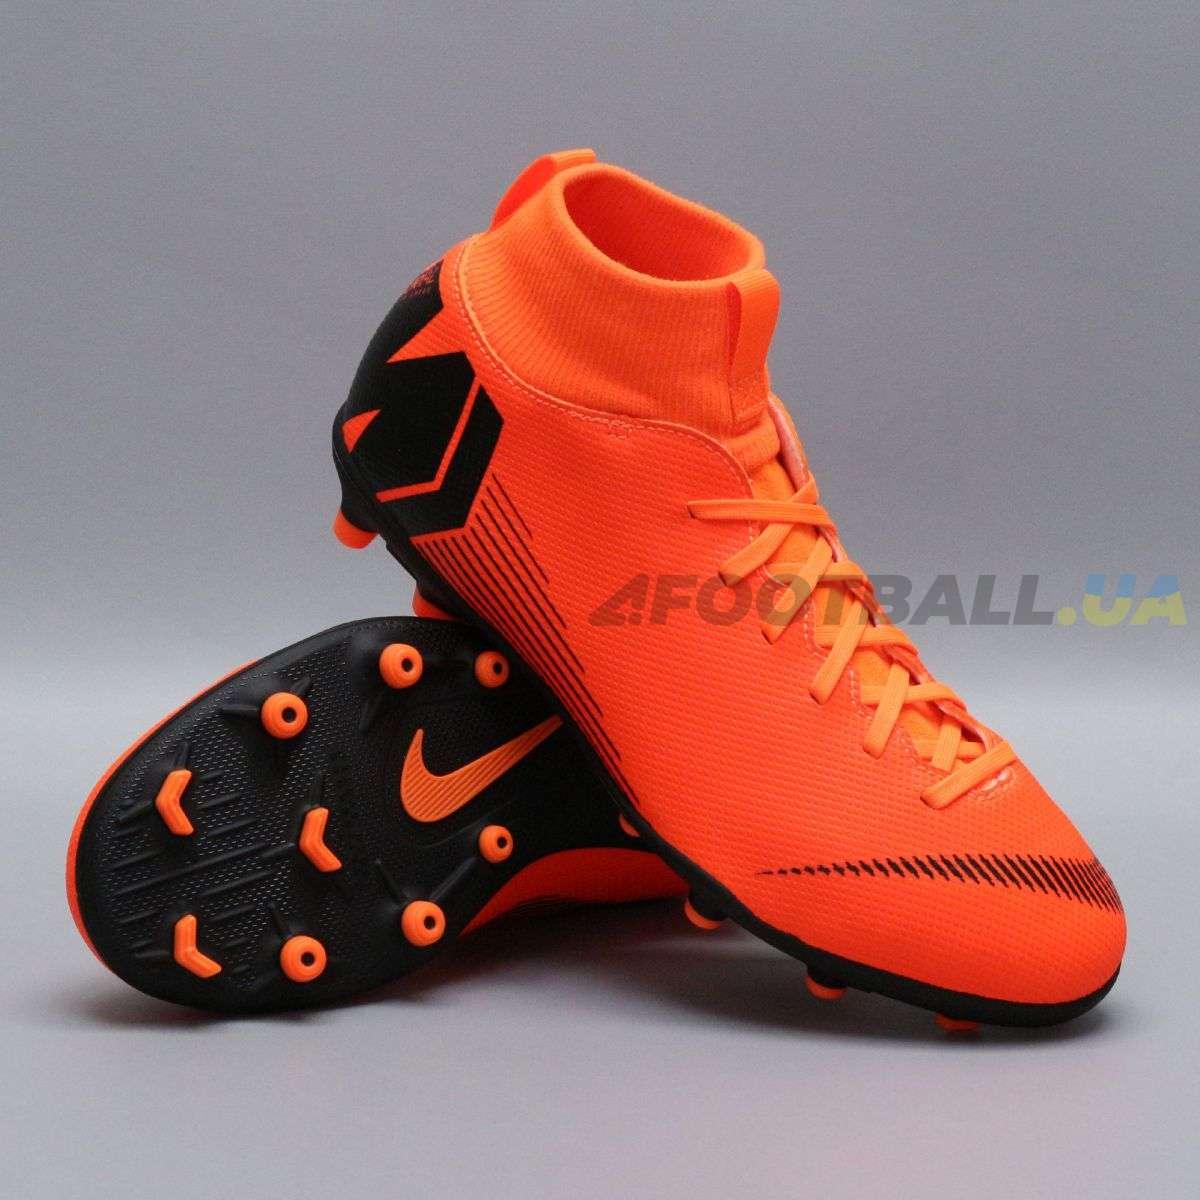 Детские бутсы Nike — купить футбольные бутсы Найк для детей - часть 2 6410269e3bfe6